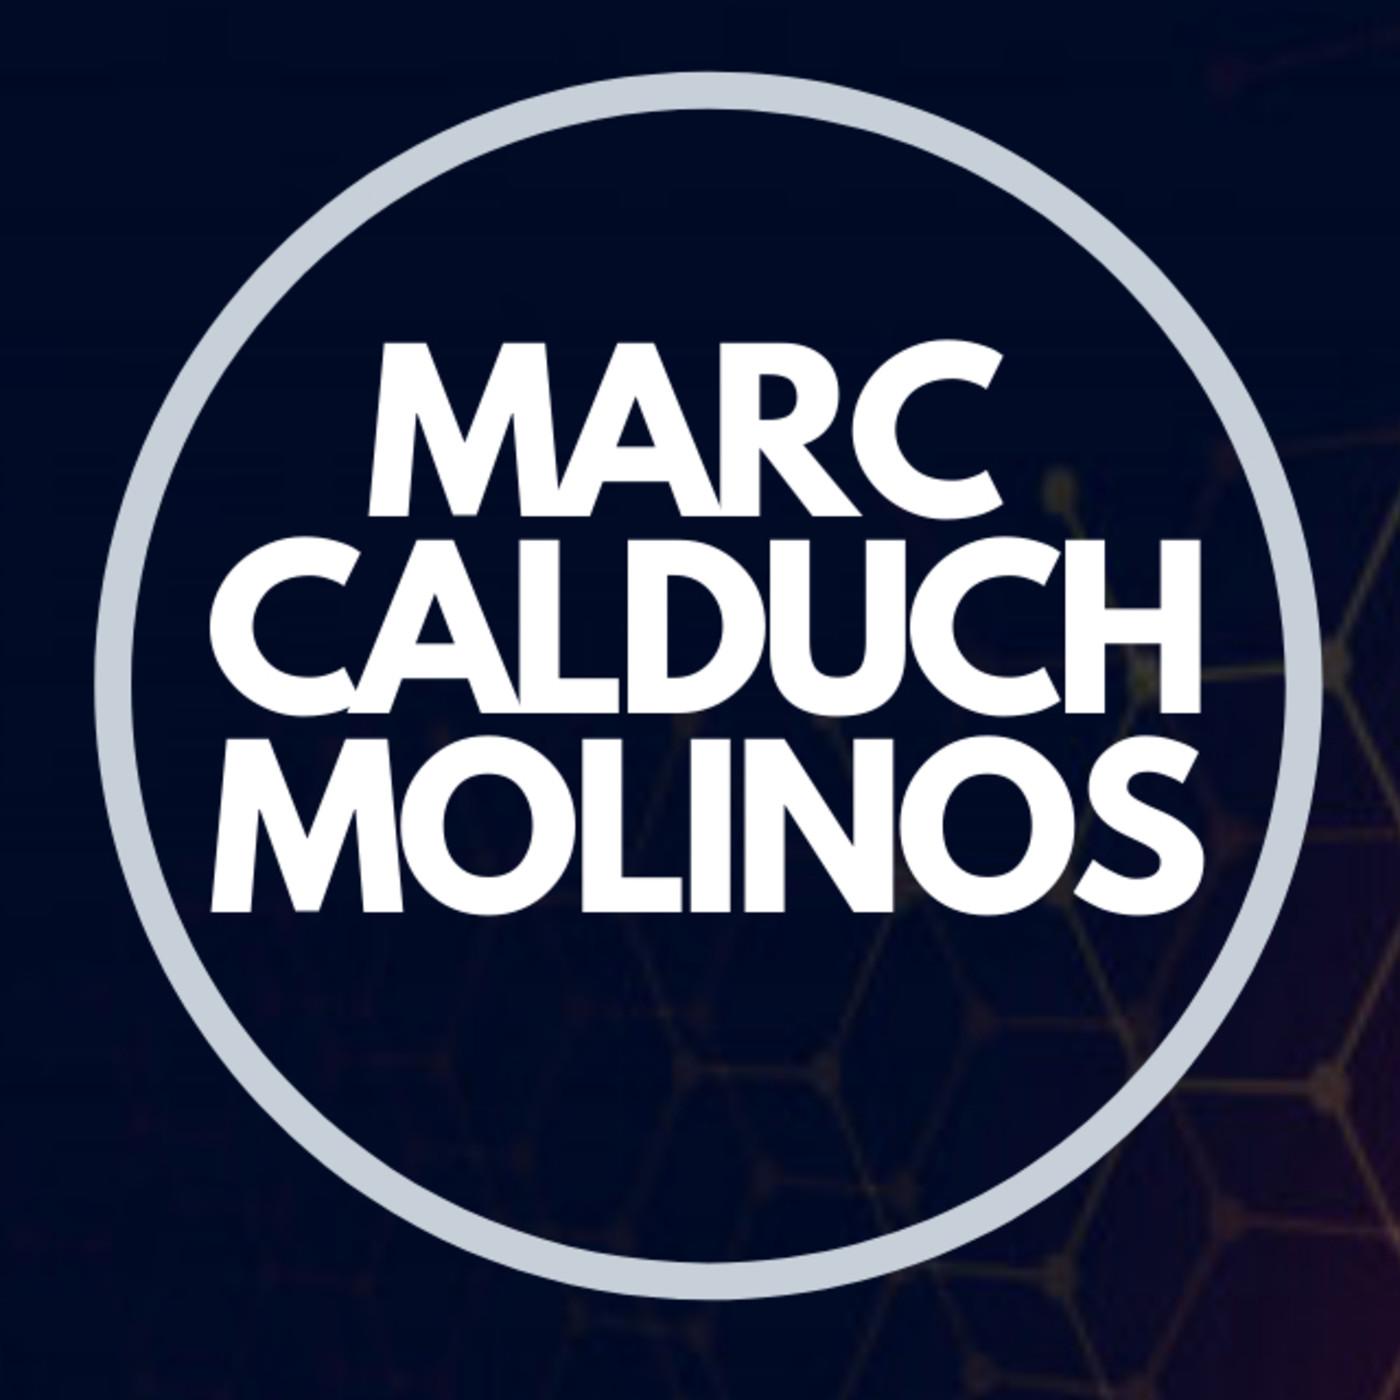 Marc Calduch